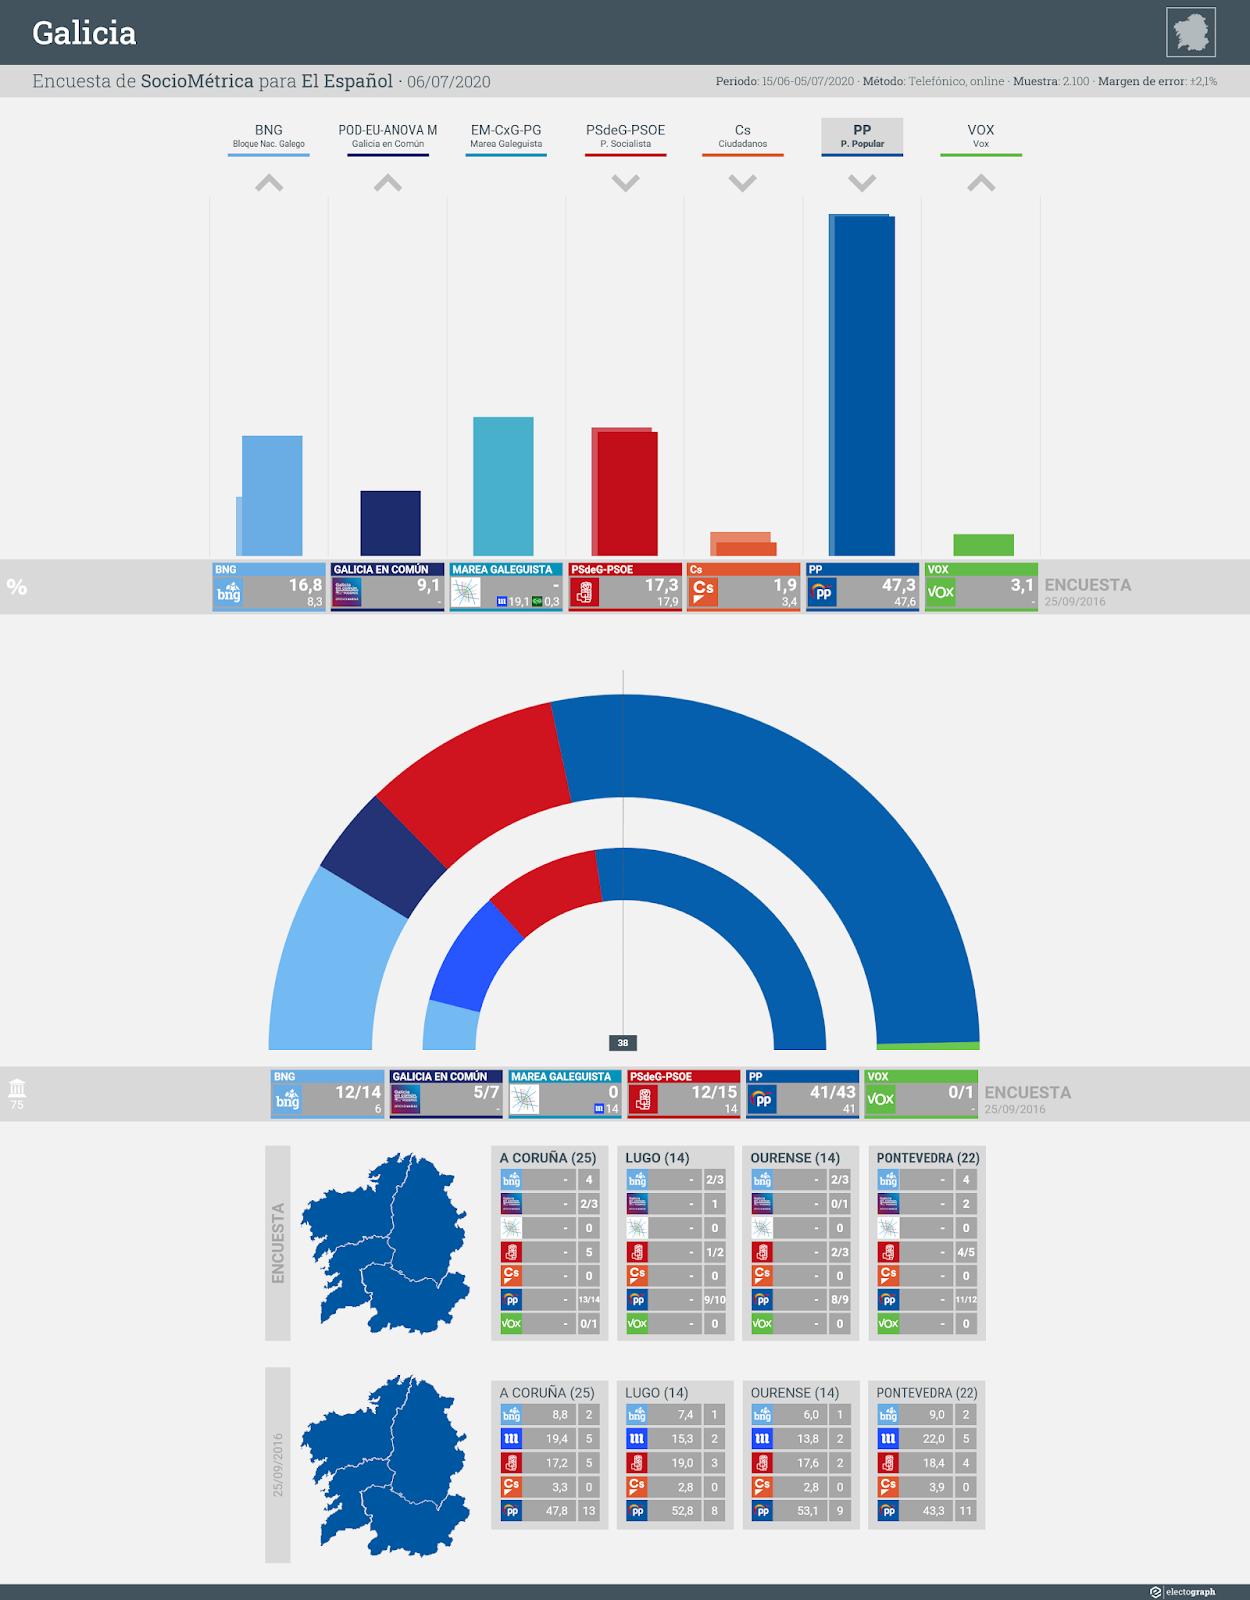 Gráfico de la encuesta para elecciones autonómicas en Galicia realizada por SocioMétrica para El Español, 6 de julio de 2020